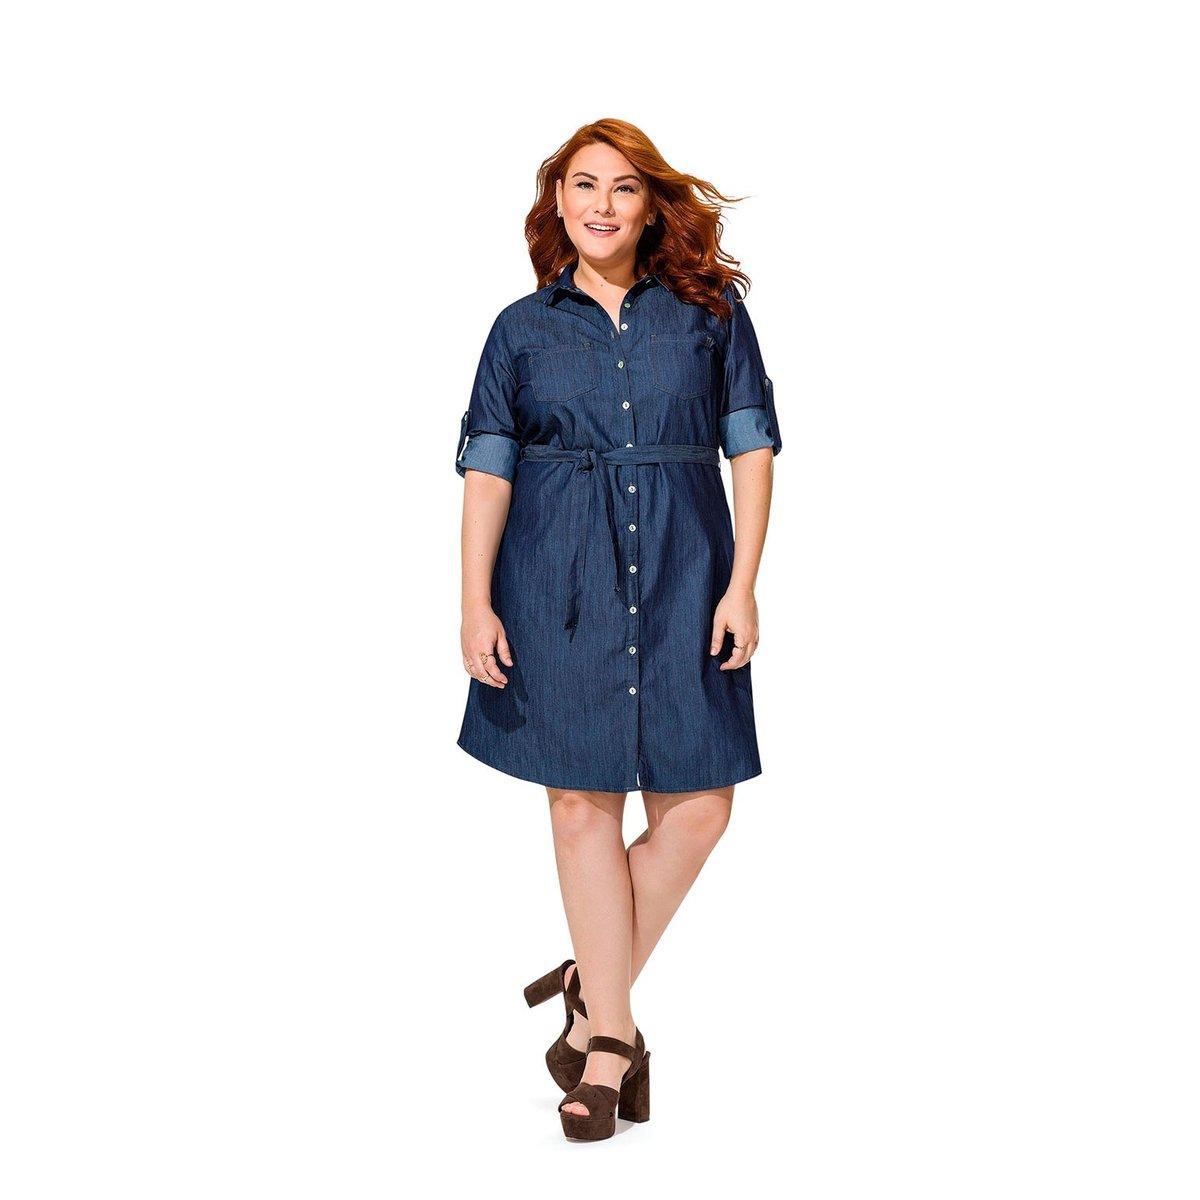 261ecff65 Vestido Jeans Wee! Malwee - Compre Agora